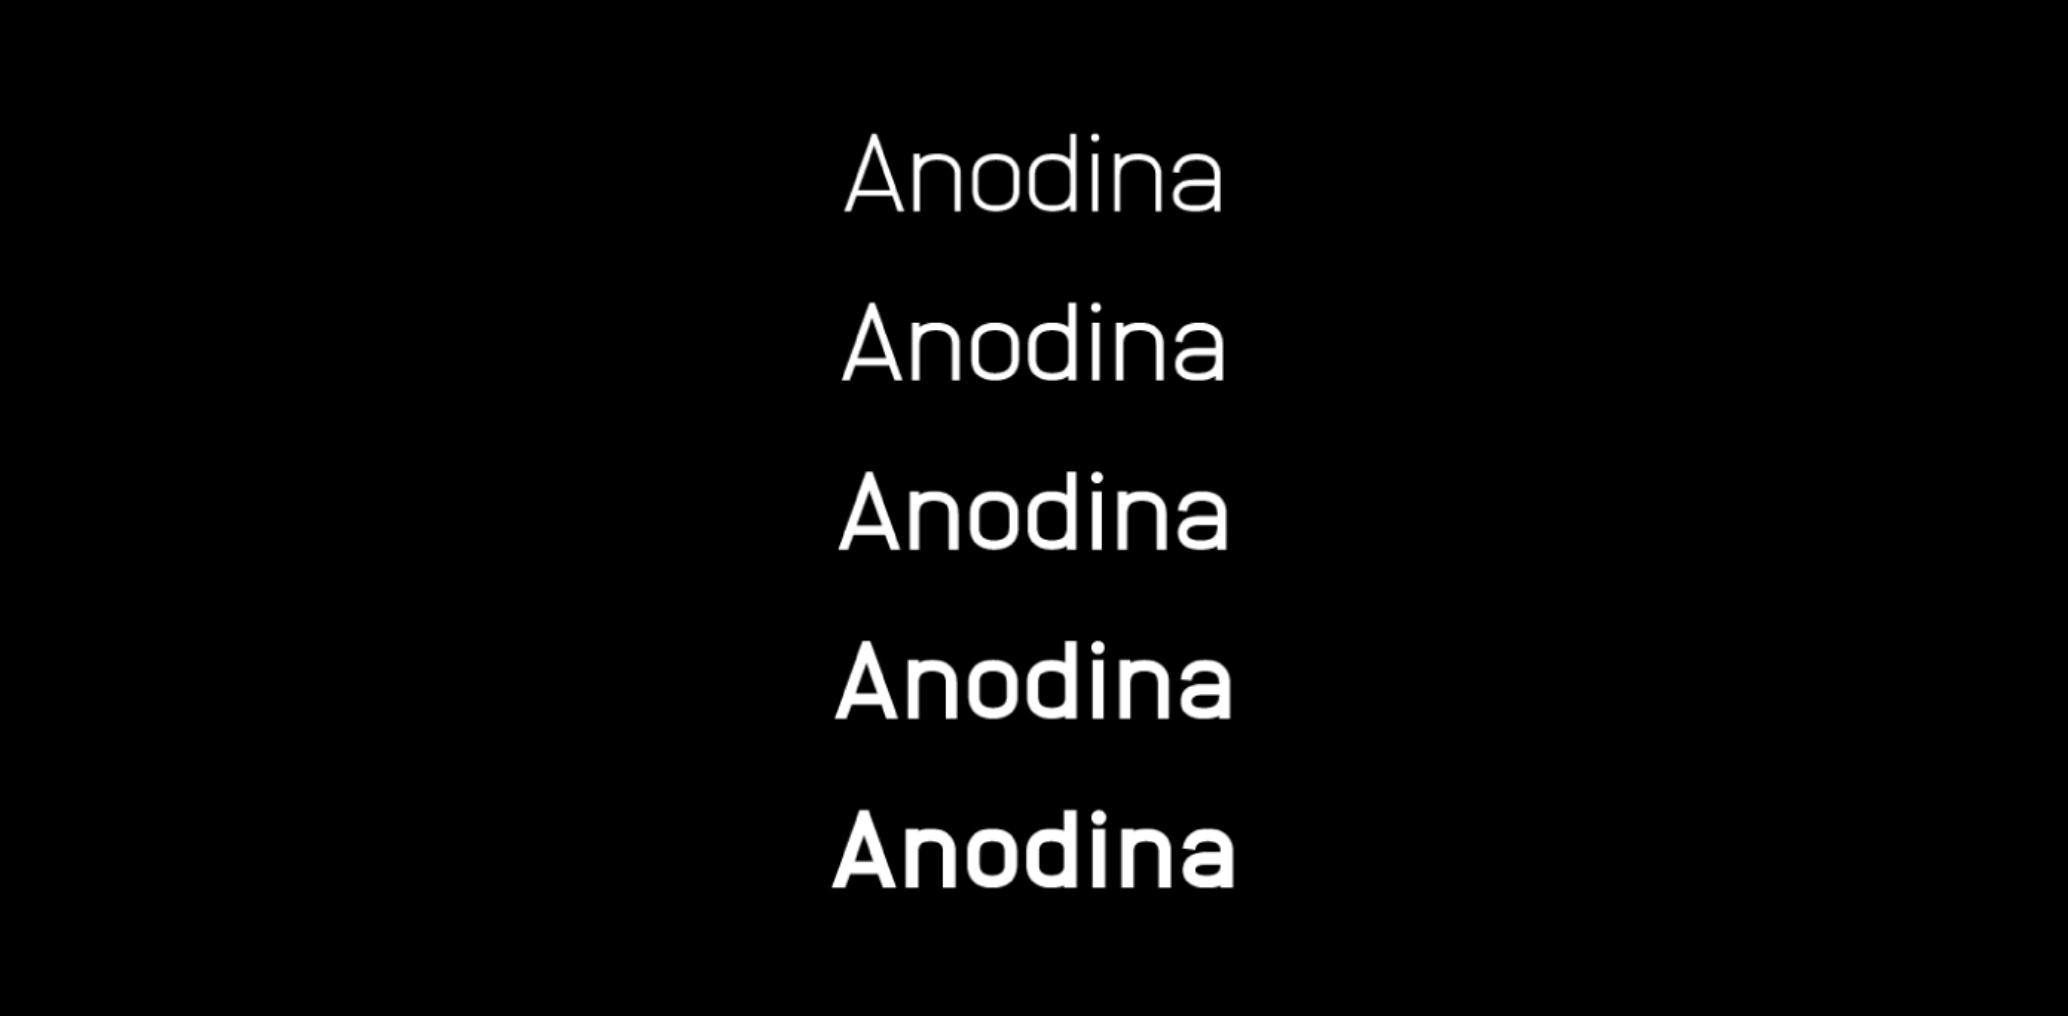 Andonia.png